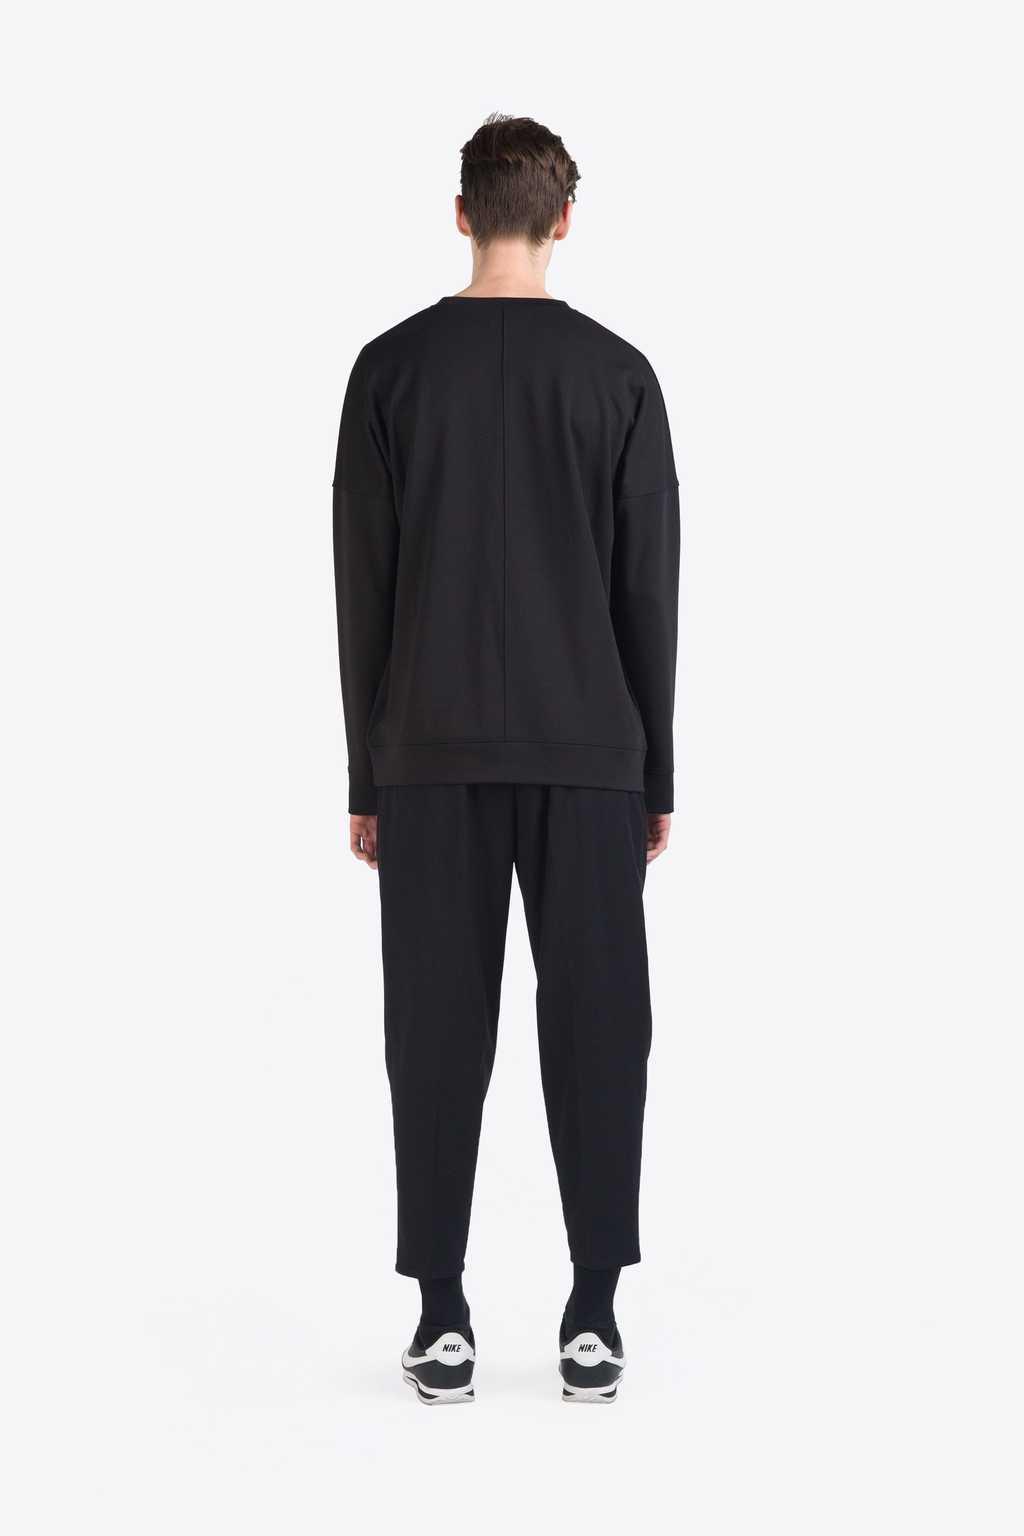 T Shirt 1206 Black 4